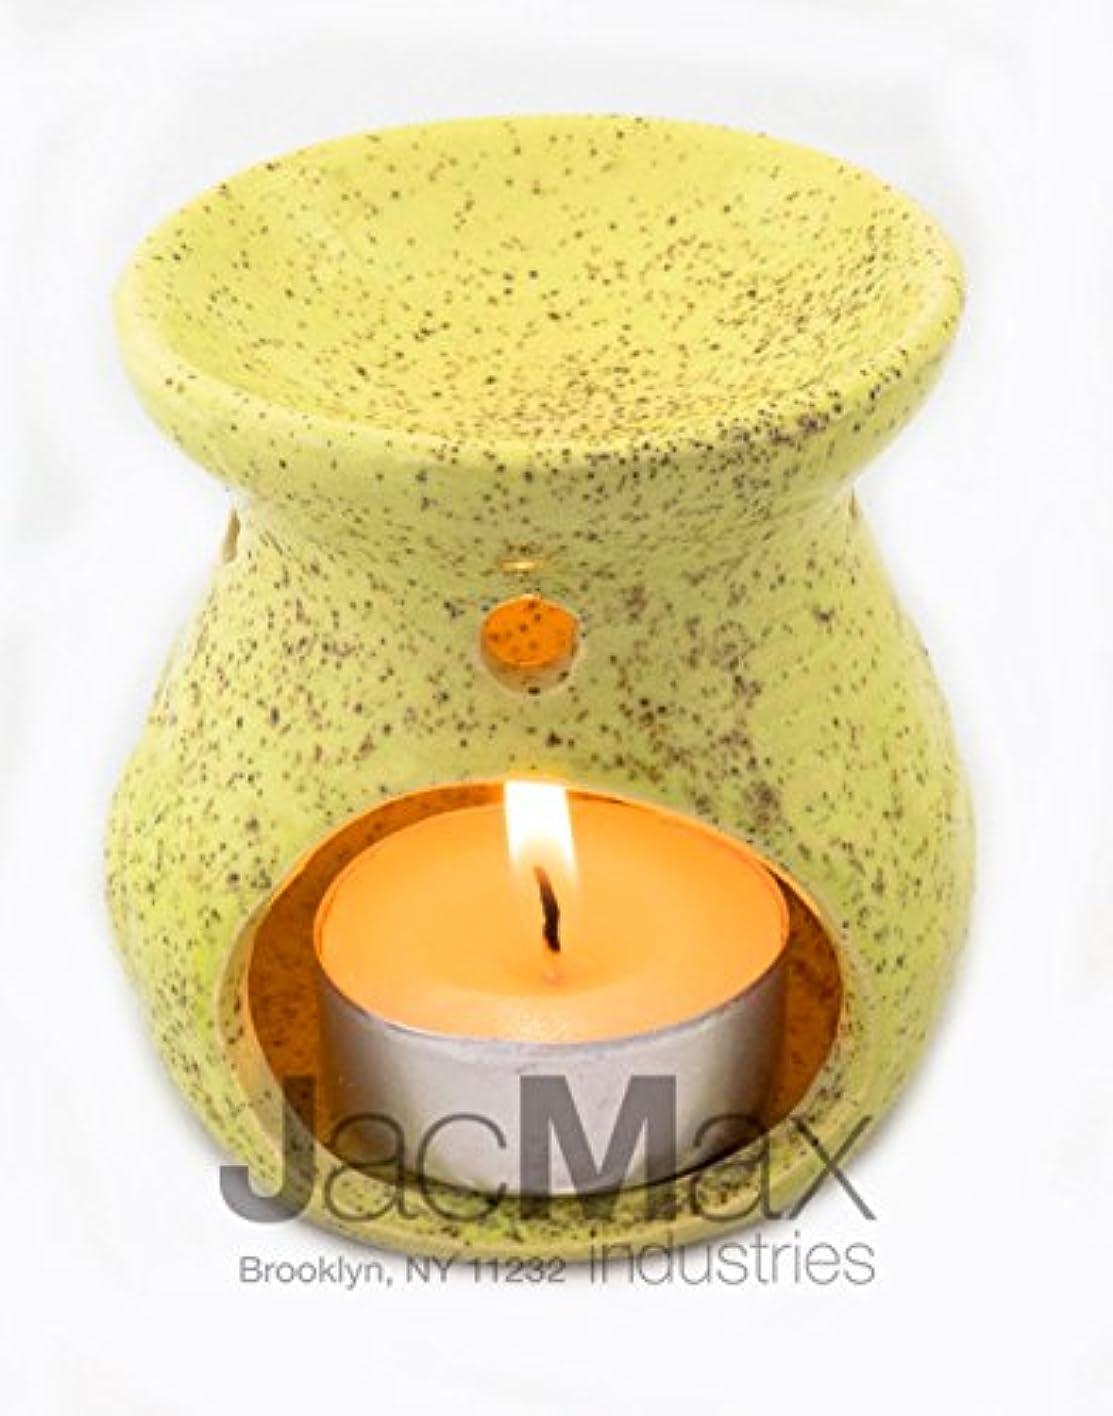 服を片付けるエンジニアリング債務Expressive香りセラミックBurner for Oil andワックスMelts – Fragrance Oil Warmerランプイエロー26 – 17